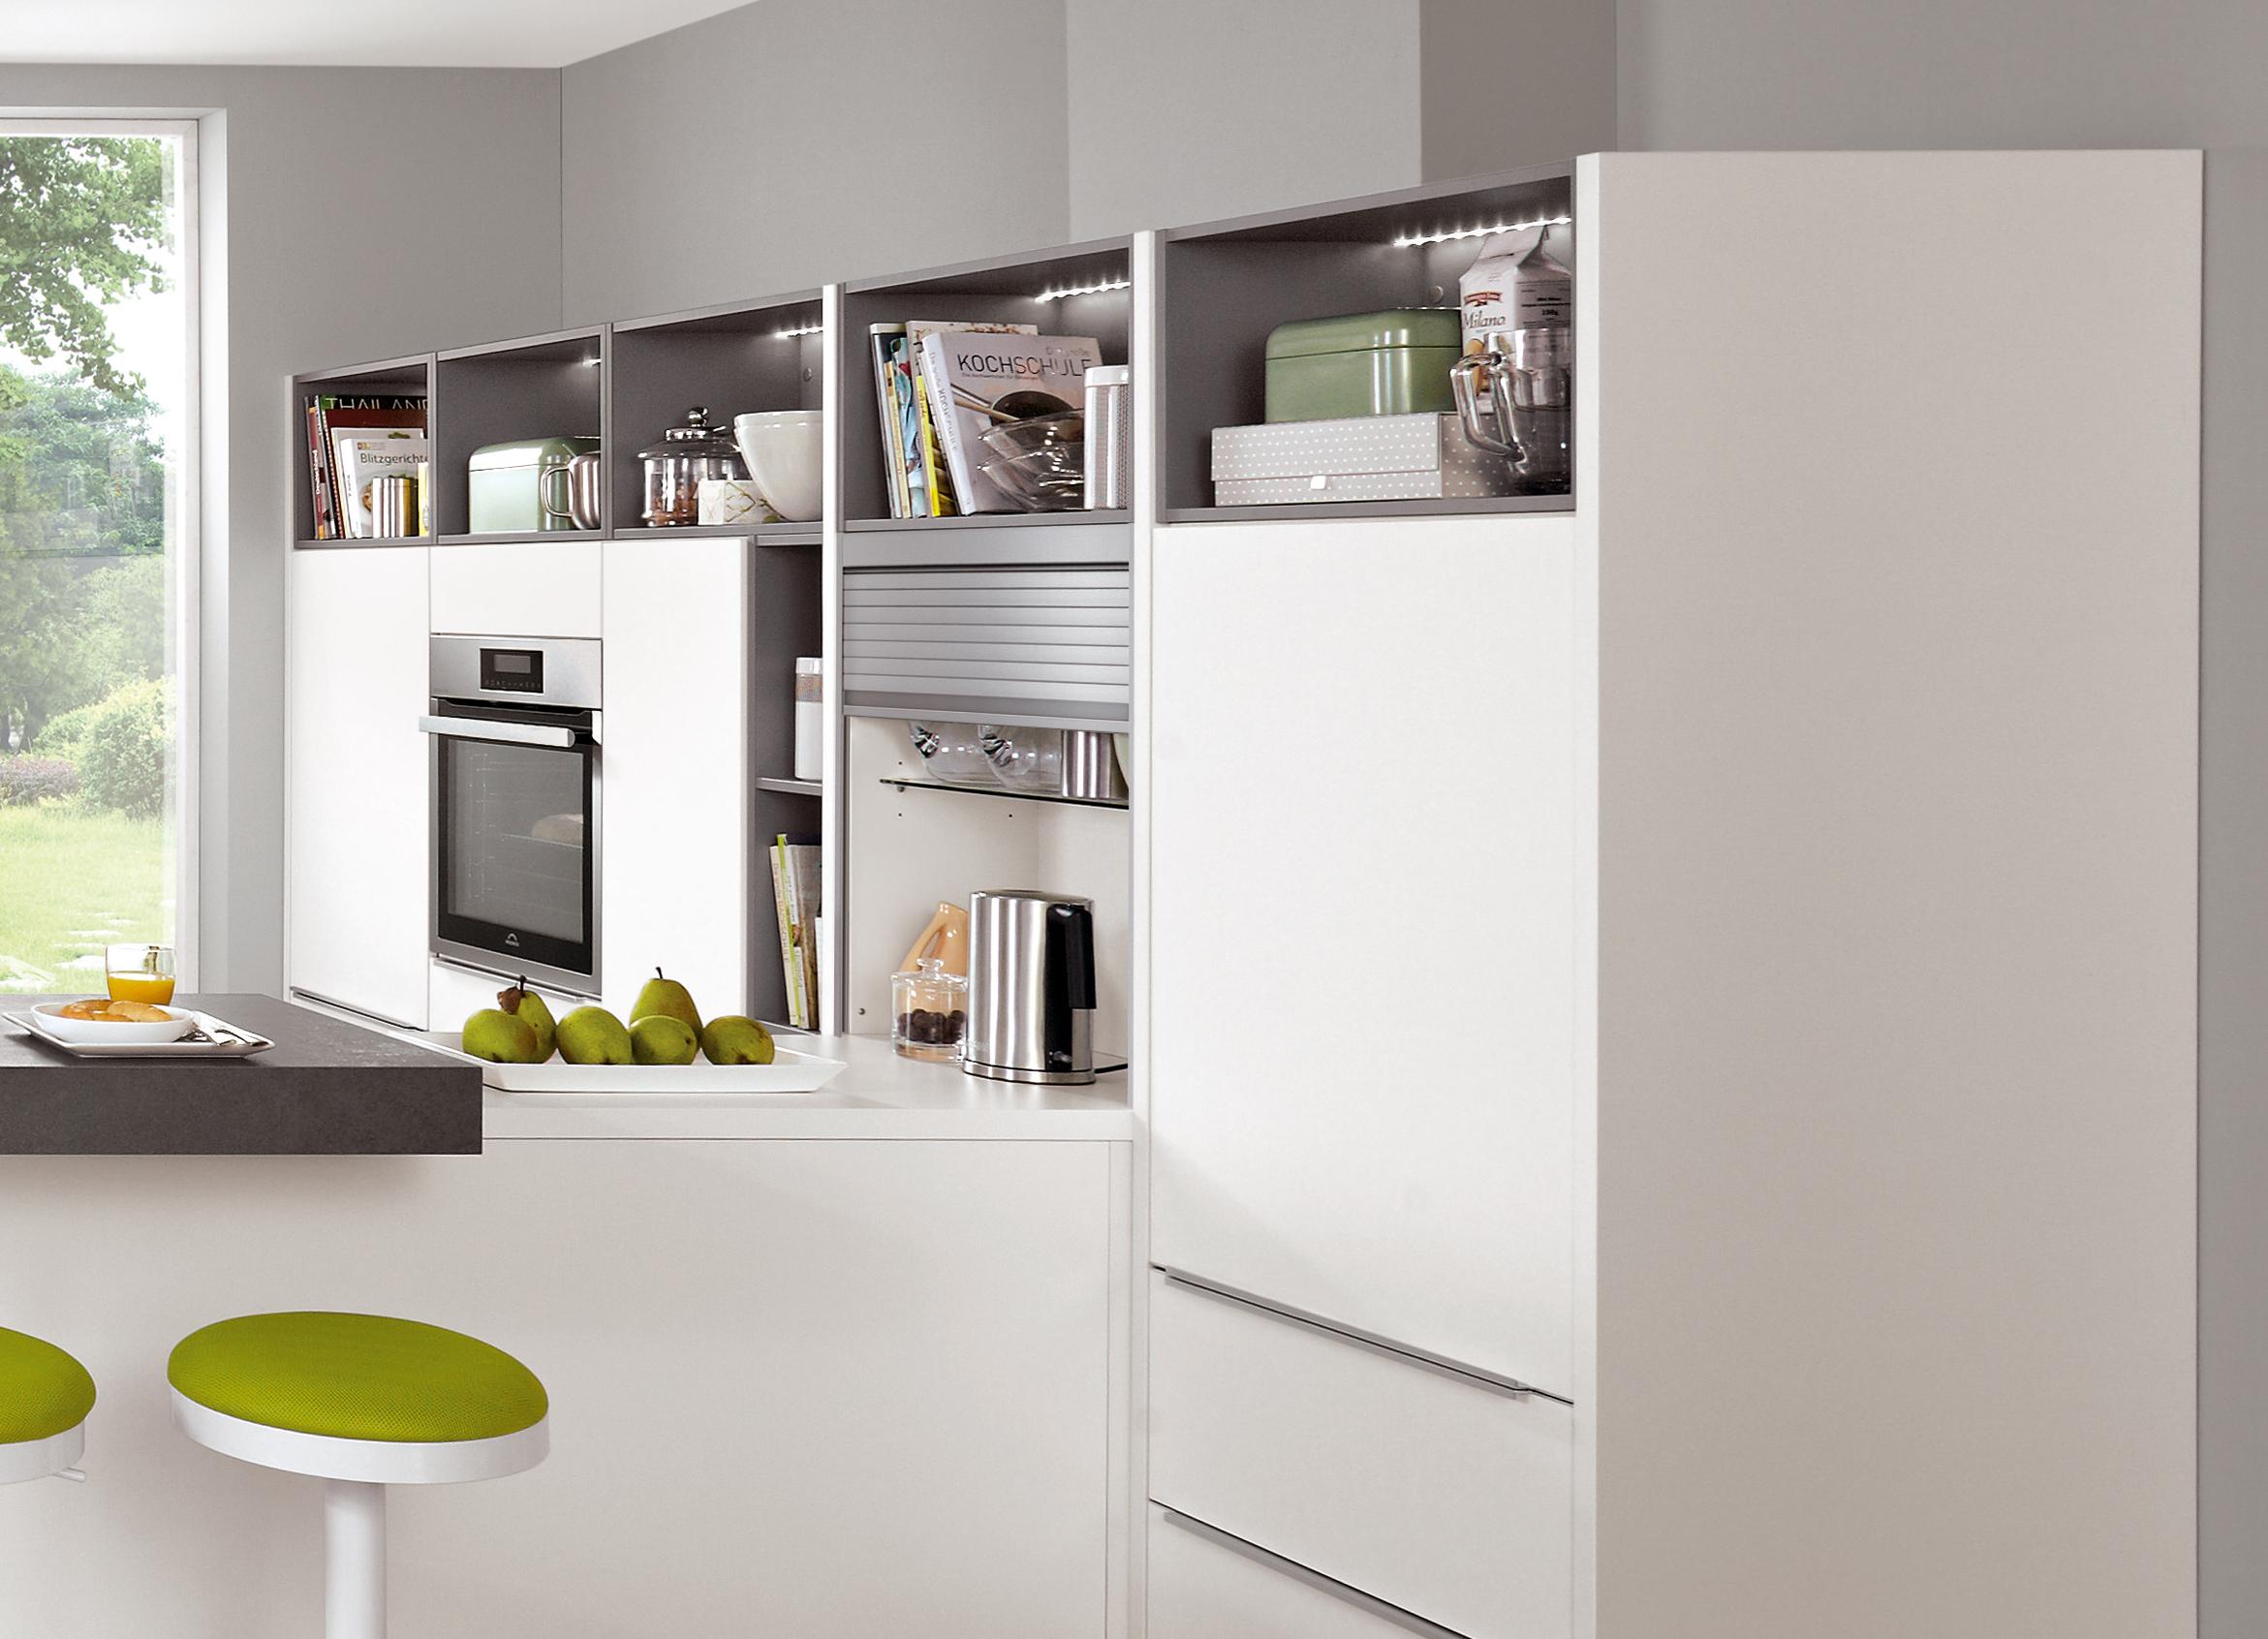 ergonomische k chen f r mehr komfort in der k che k che co. Black Bedroom Furniture Sets. Home Design Ideas